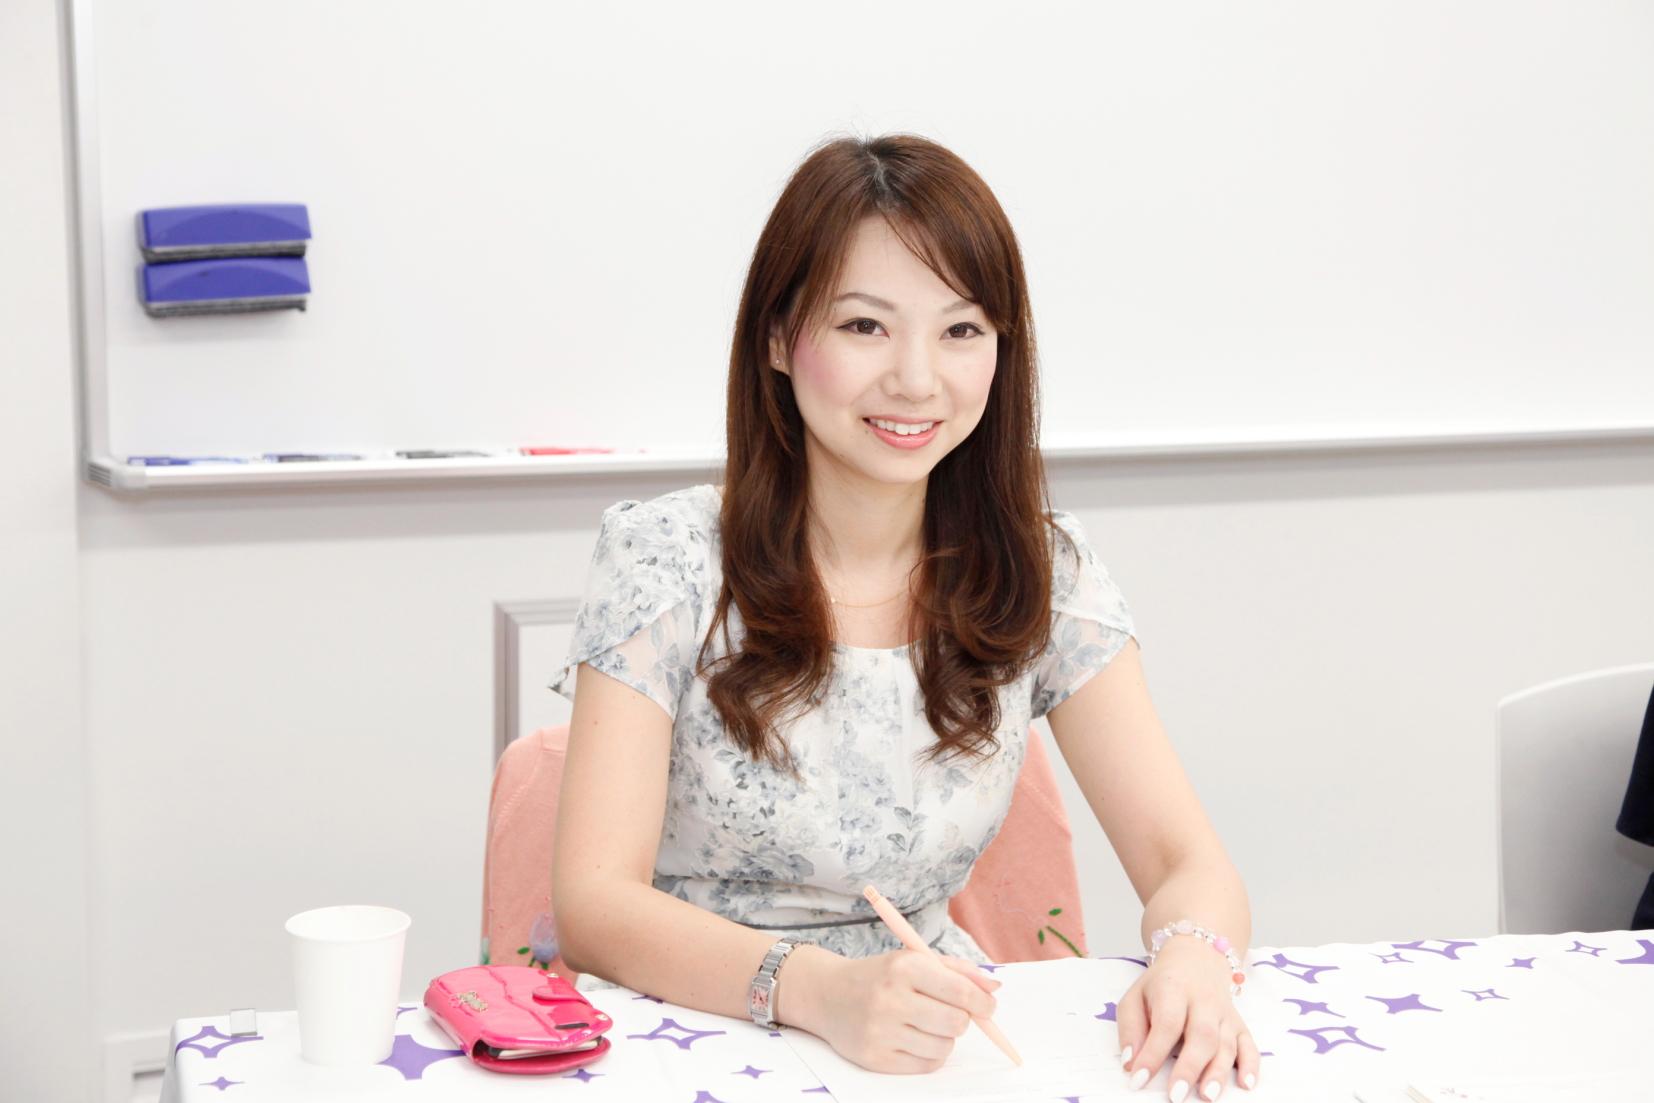 「持ち家のメリットは、資産になること。住めなくなったら貸してもいいし」と、柴本さん。